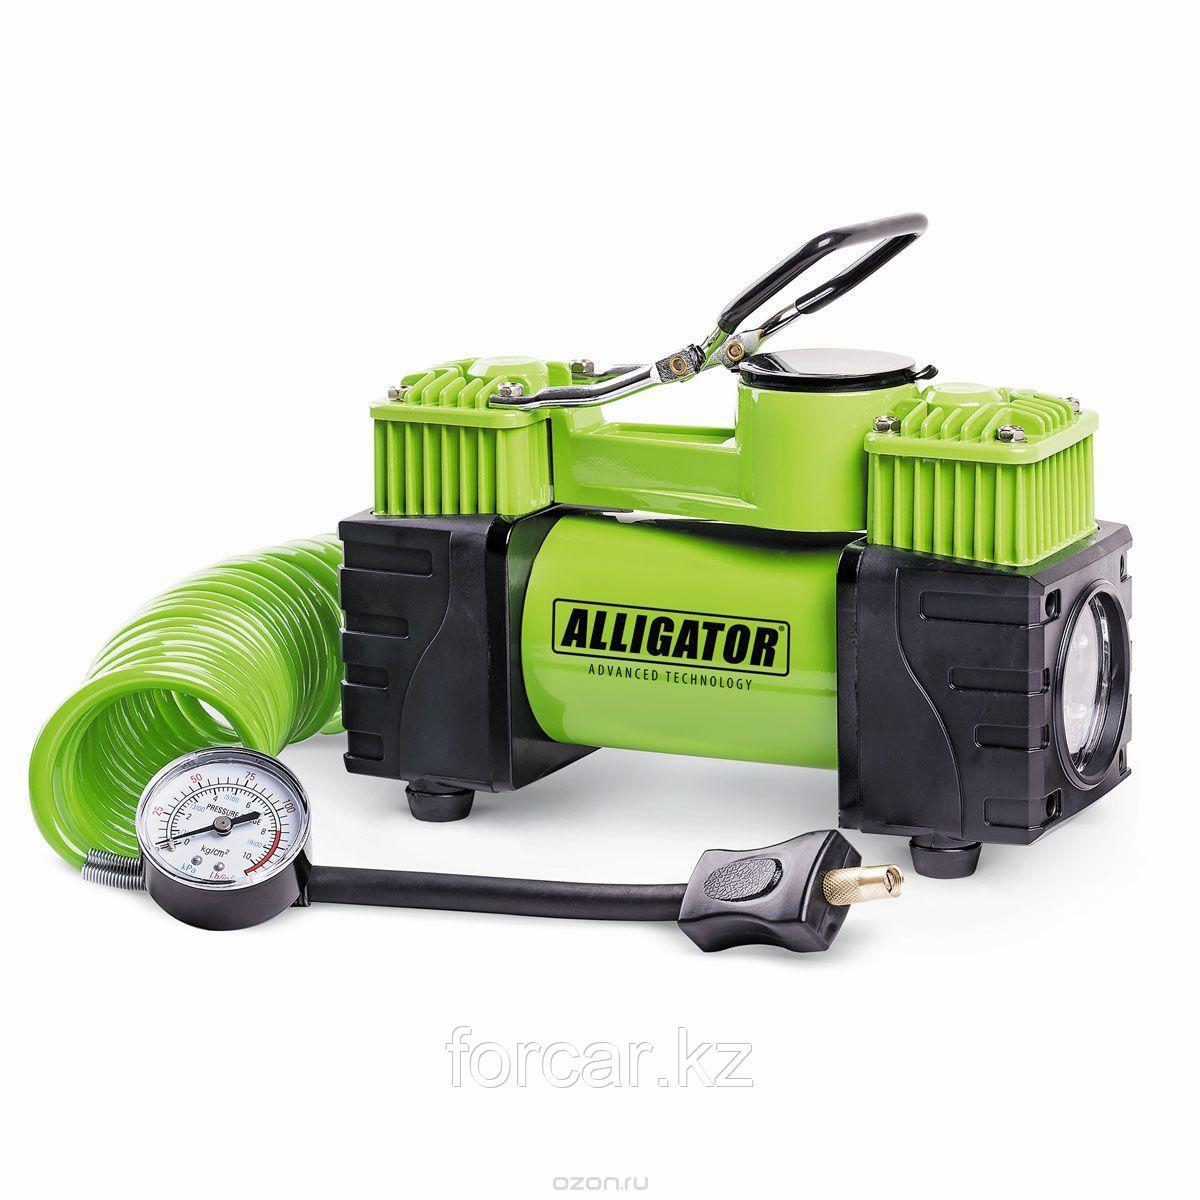 Цельнометаллический компрессор двухпоршневой ALLIGATOR AL-500